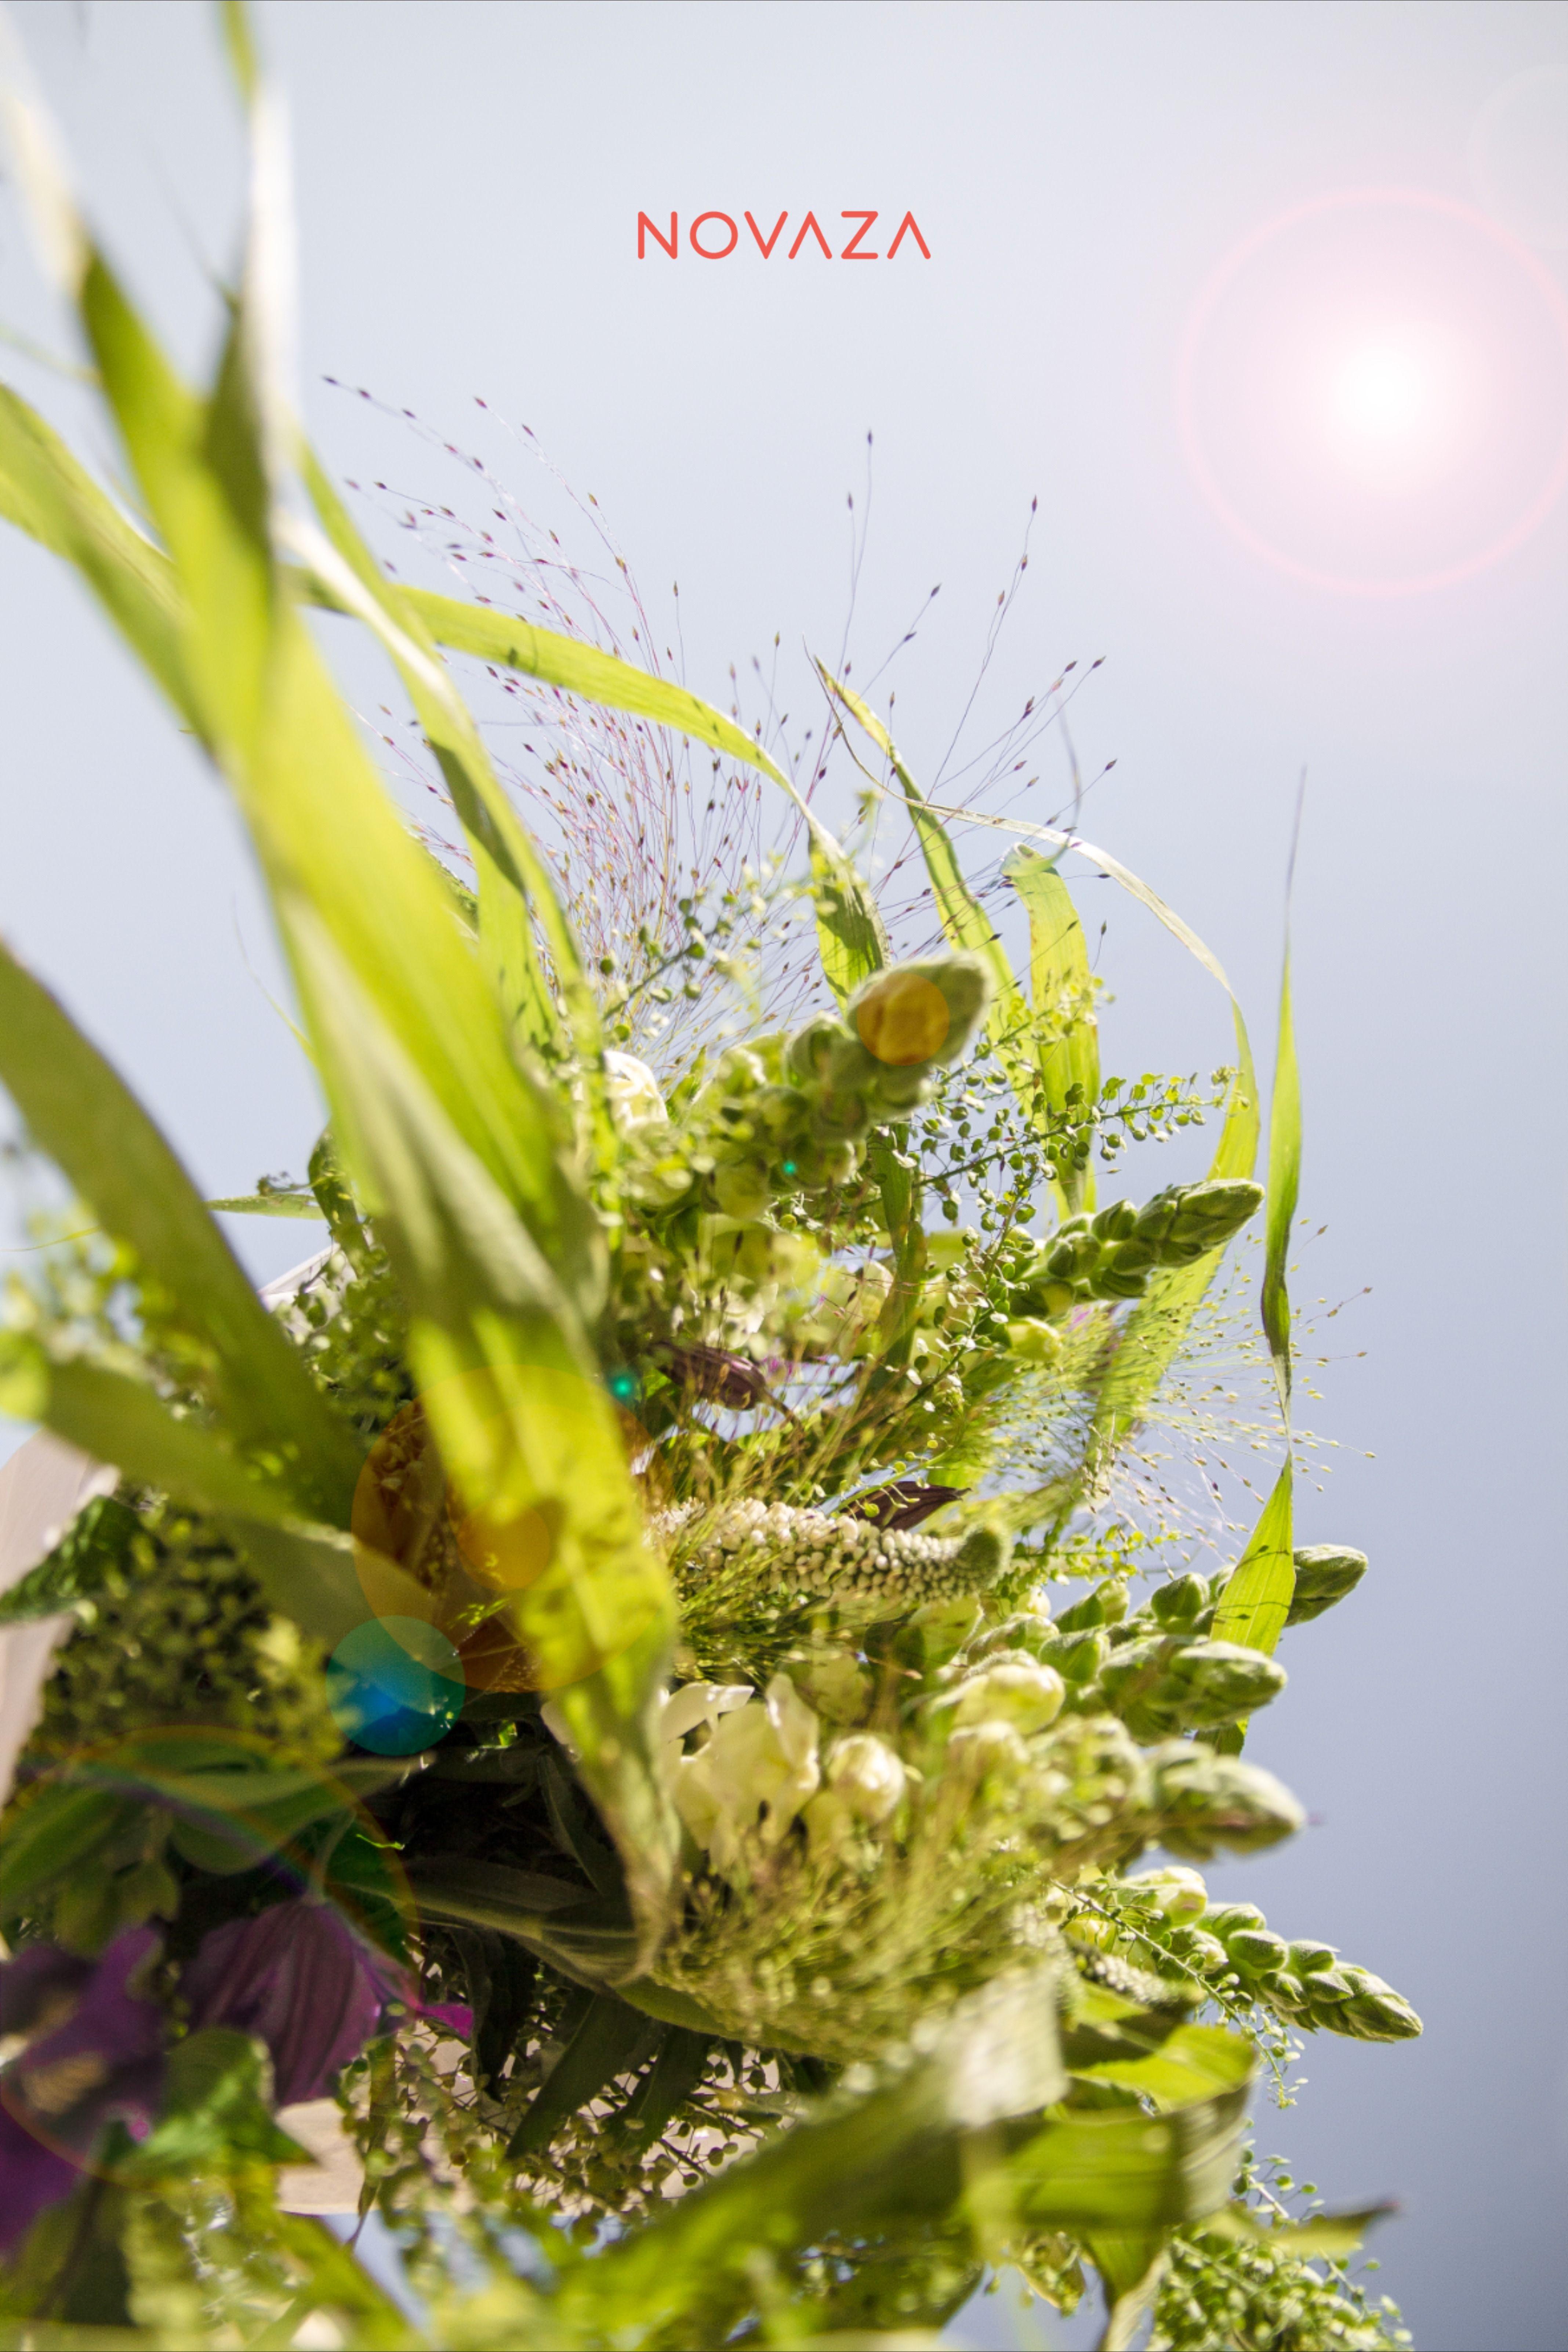 Jak nápaditě vyzdobit váš home office? Jednoduše nádhernými květinami 💐 z #Papavera - květinářství a betonovou vázou 🏺 #Novaza. P.S. První květina je ZDARMA. Právě teď na www.novaza.cz #novaza #home_accessories #home_accents #room_decor #home_floral_arrangements #gift_for_women #best_birthday_present #vase_with_flower_subscription #flower_delivery_as_gift #bezkvetinjisrdcenetluce #kvetinovepredplatne #vaza #homedecor #kvetiny #darekprozenu #tipnadarek #ceskydesign